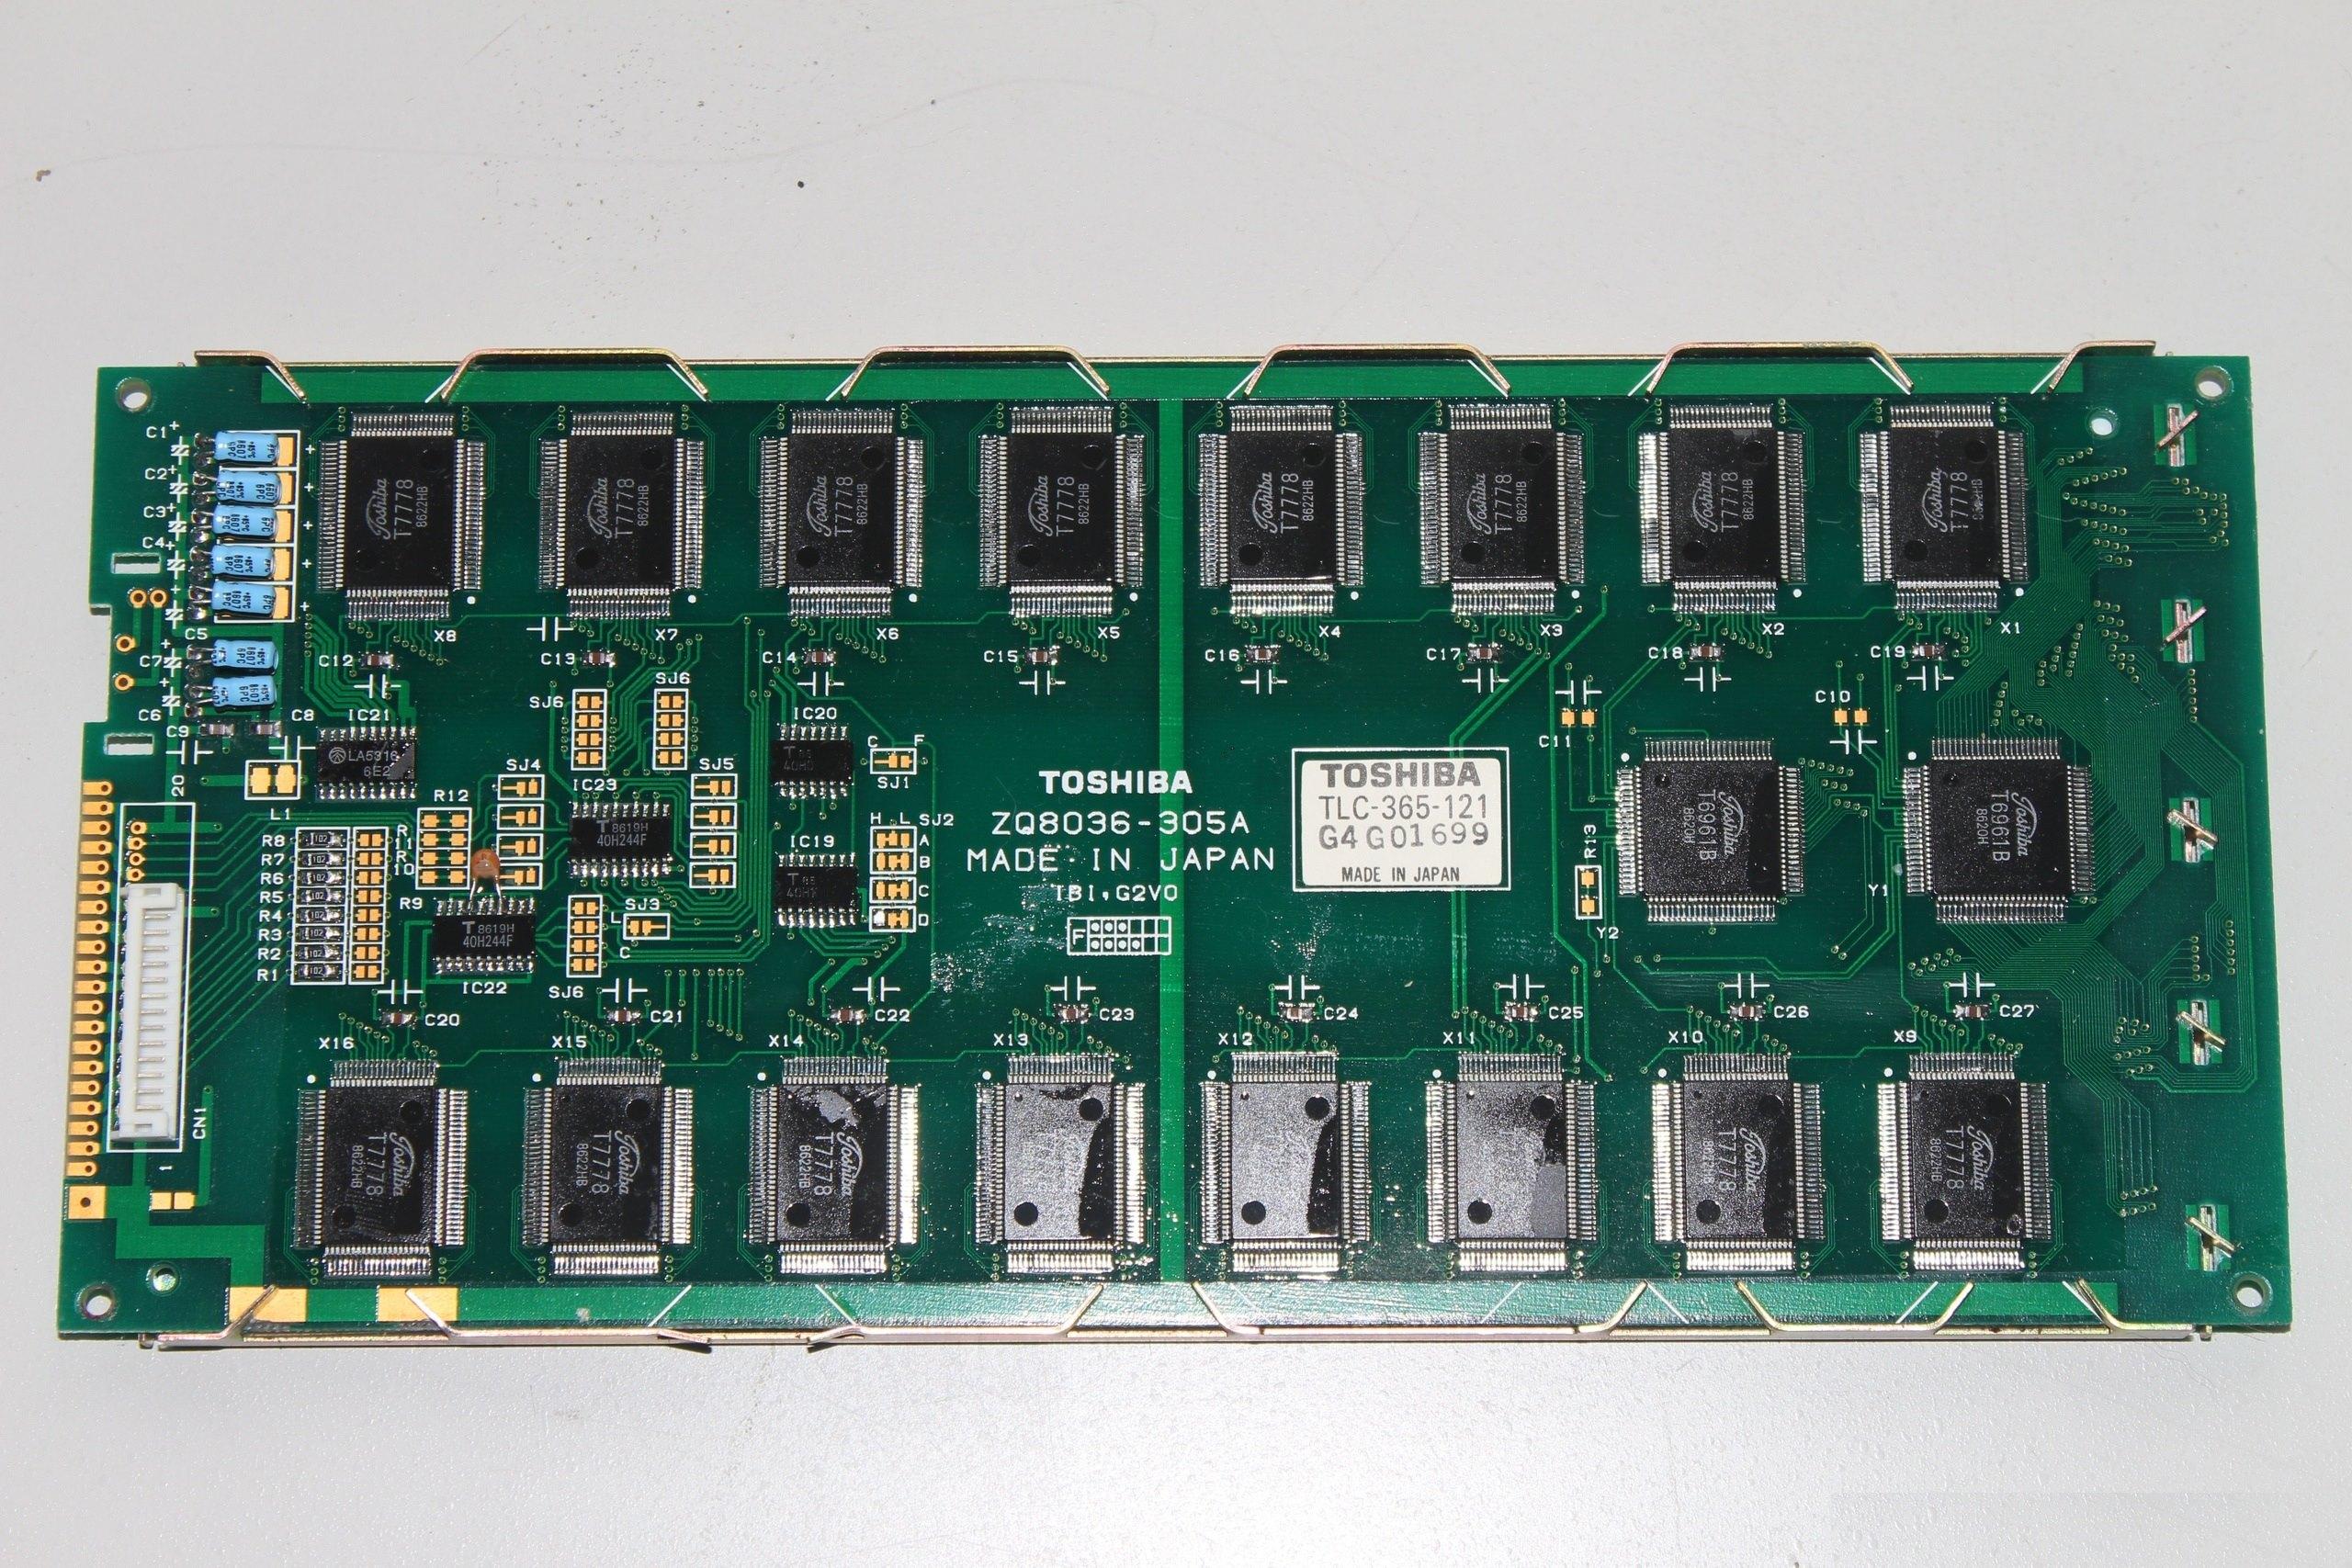 Оригинальный дисплей Toshiba T1100 - плата управления ЖКИ. С него скопирован советский дисплейный модуль.